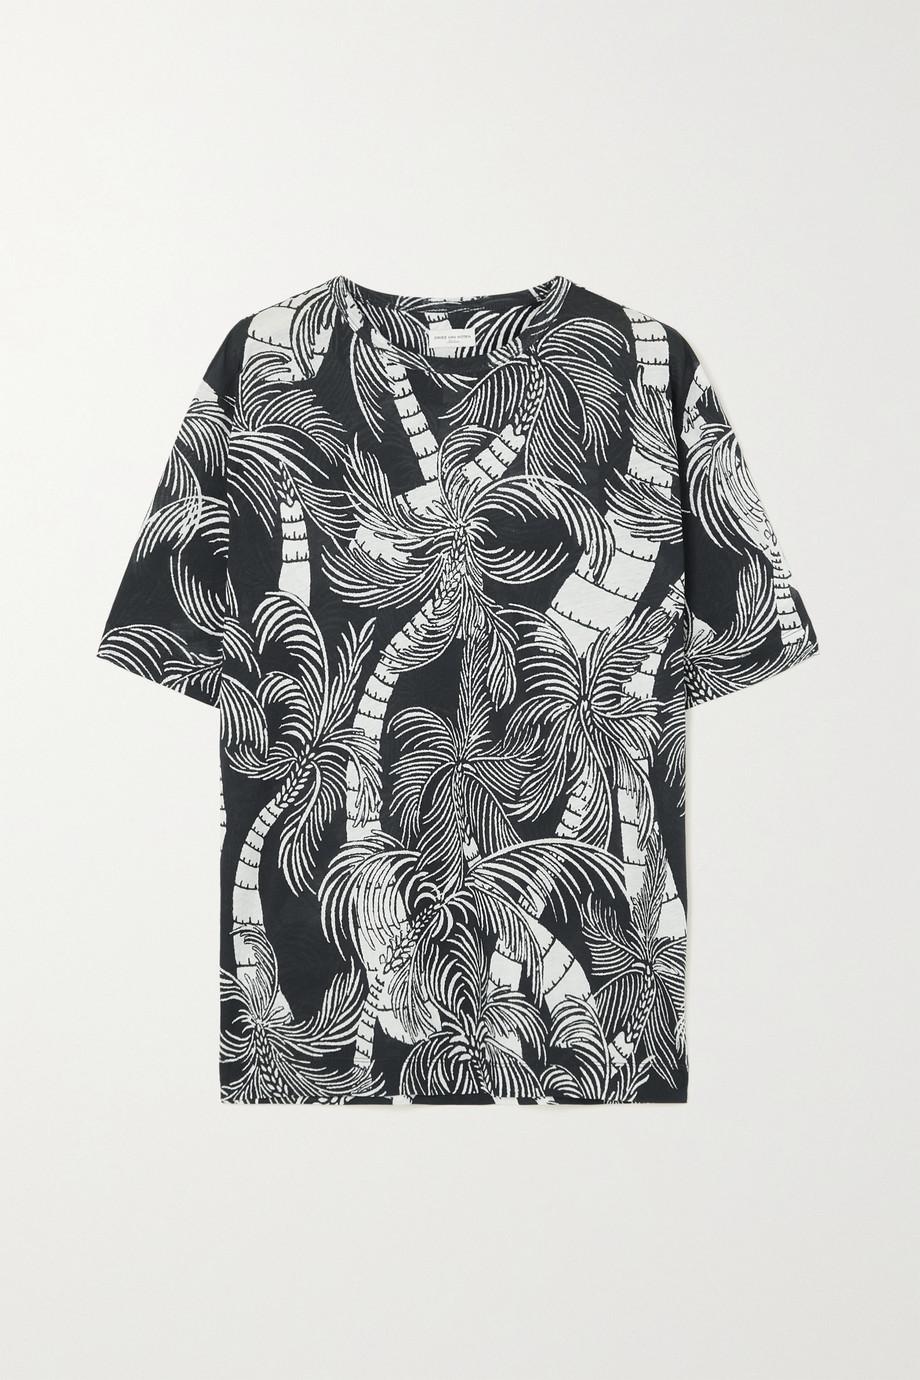 Dries Van Noten T-shirt en jersey de coton imprimé